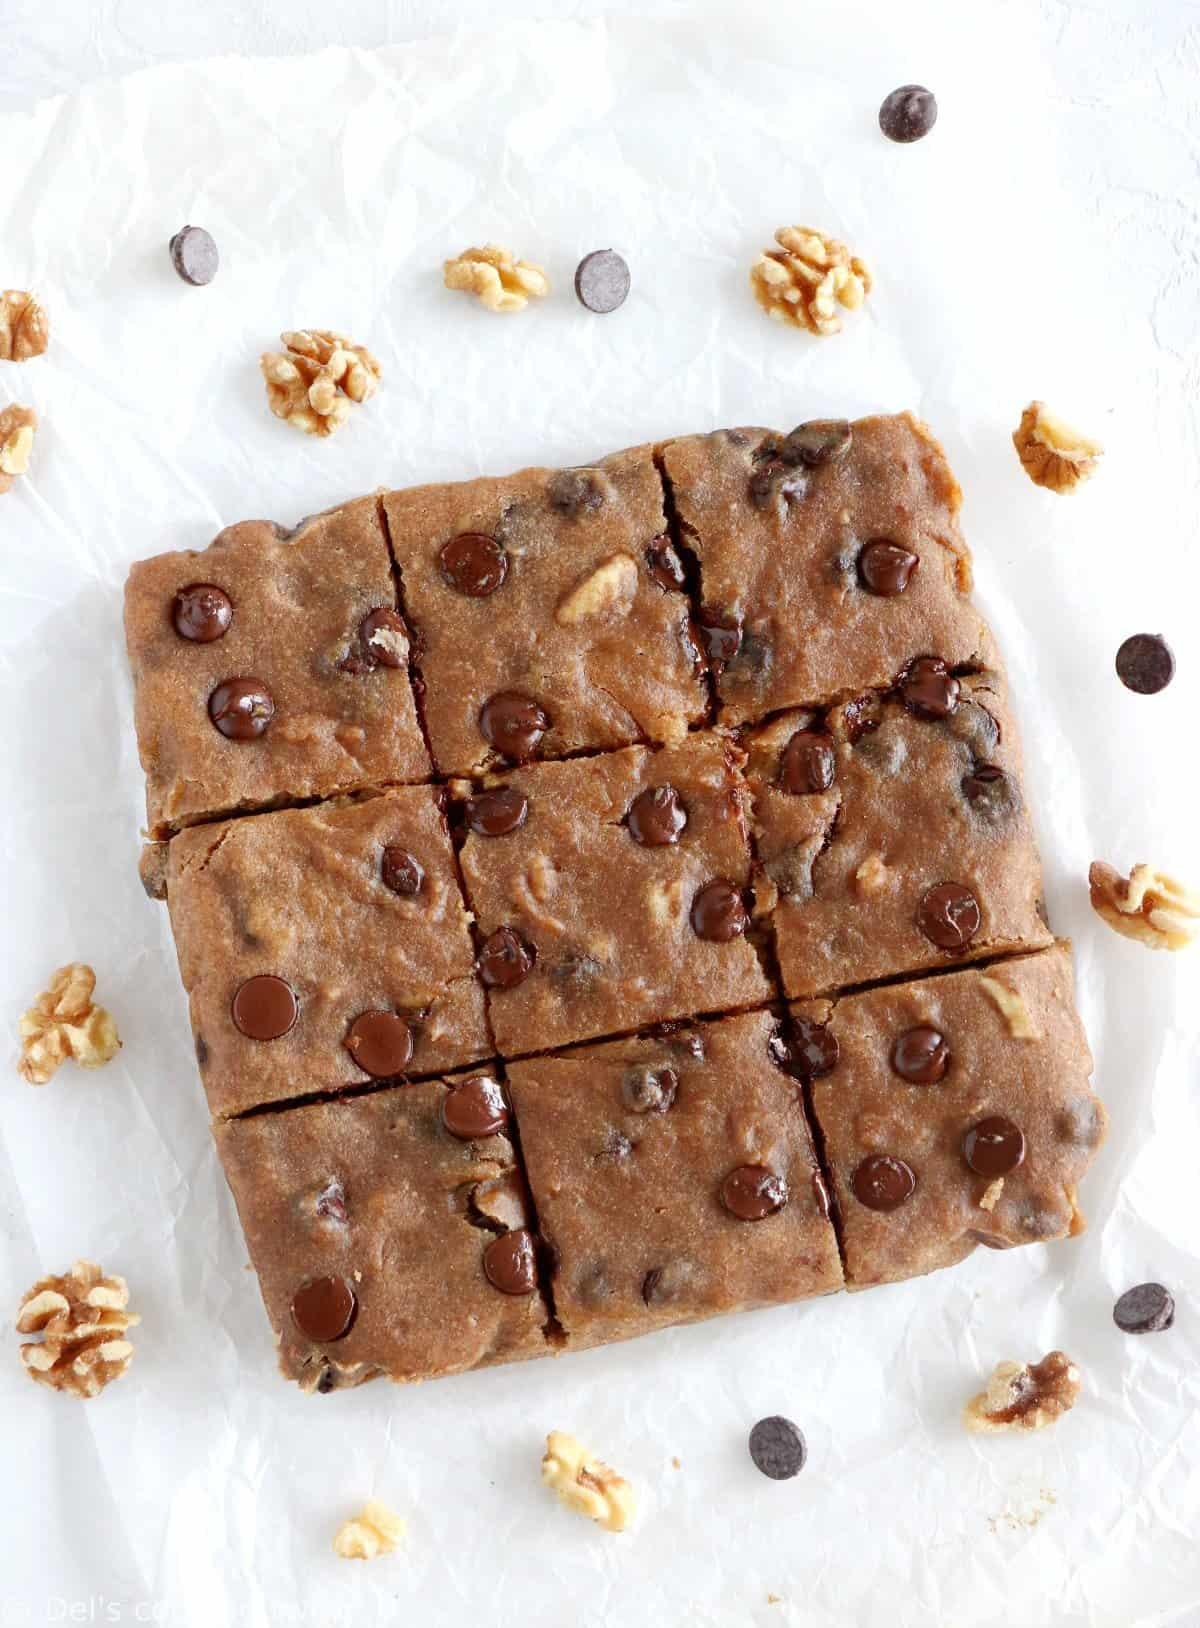 Healthy Vegan Chocolate Chip Blondies